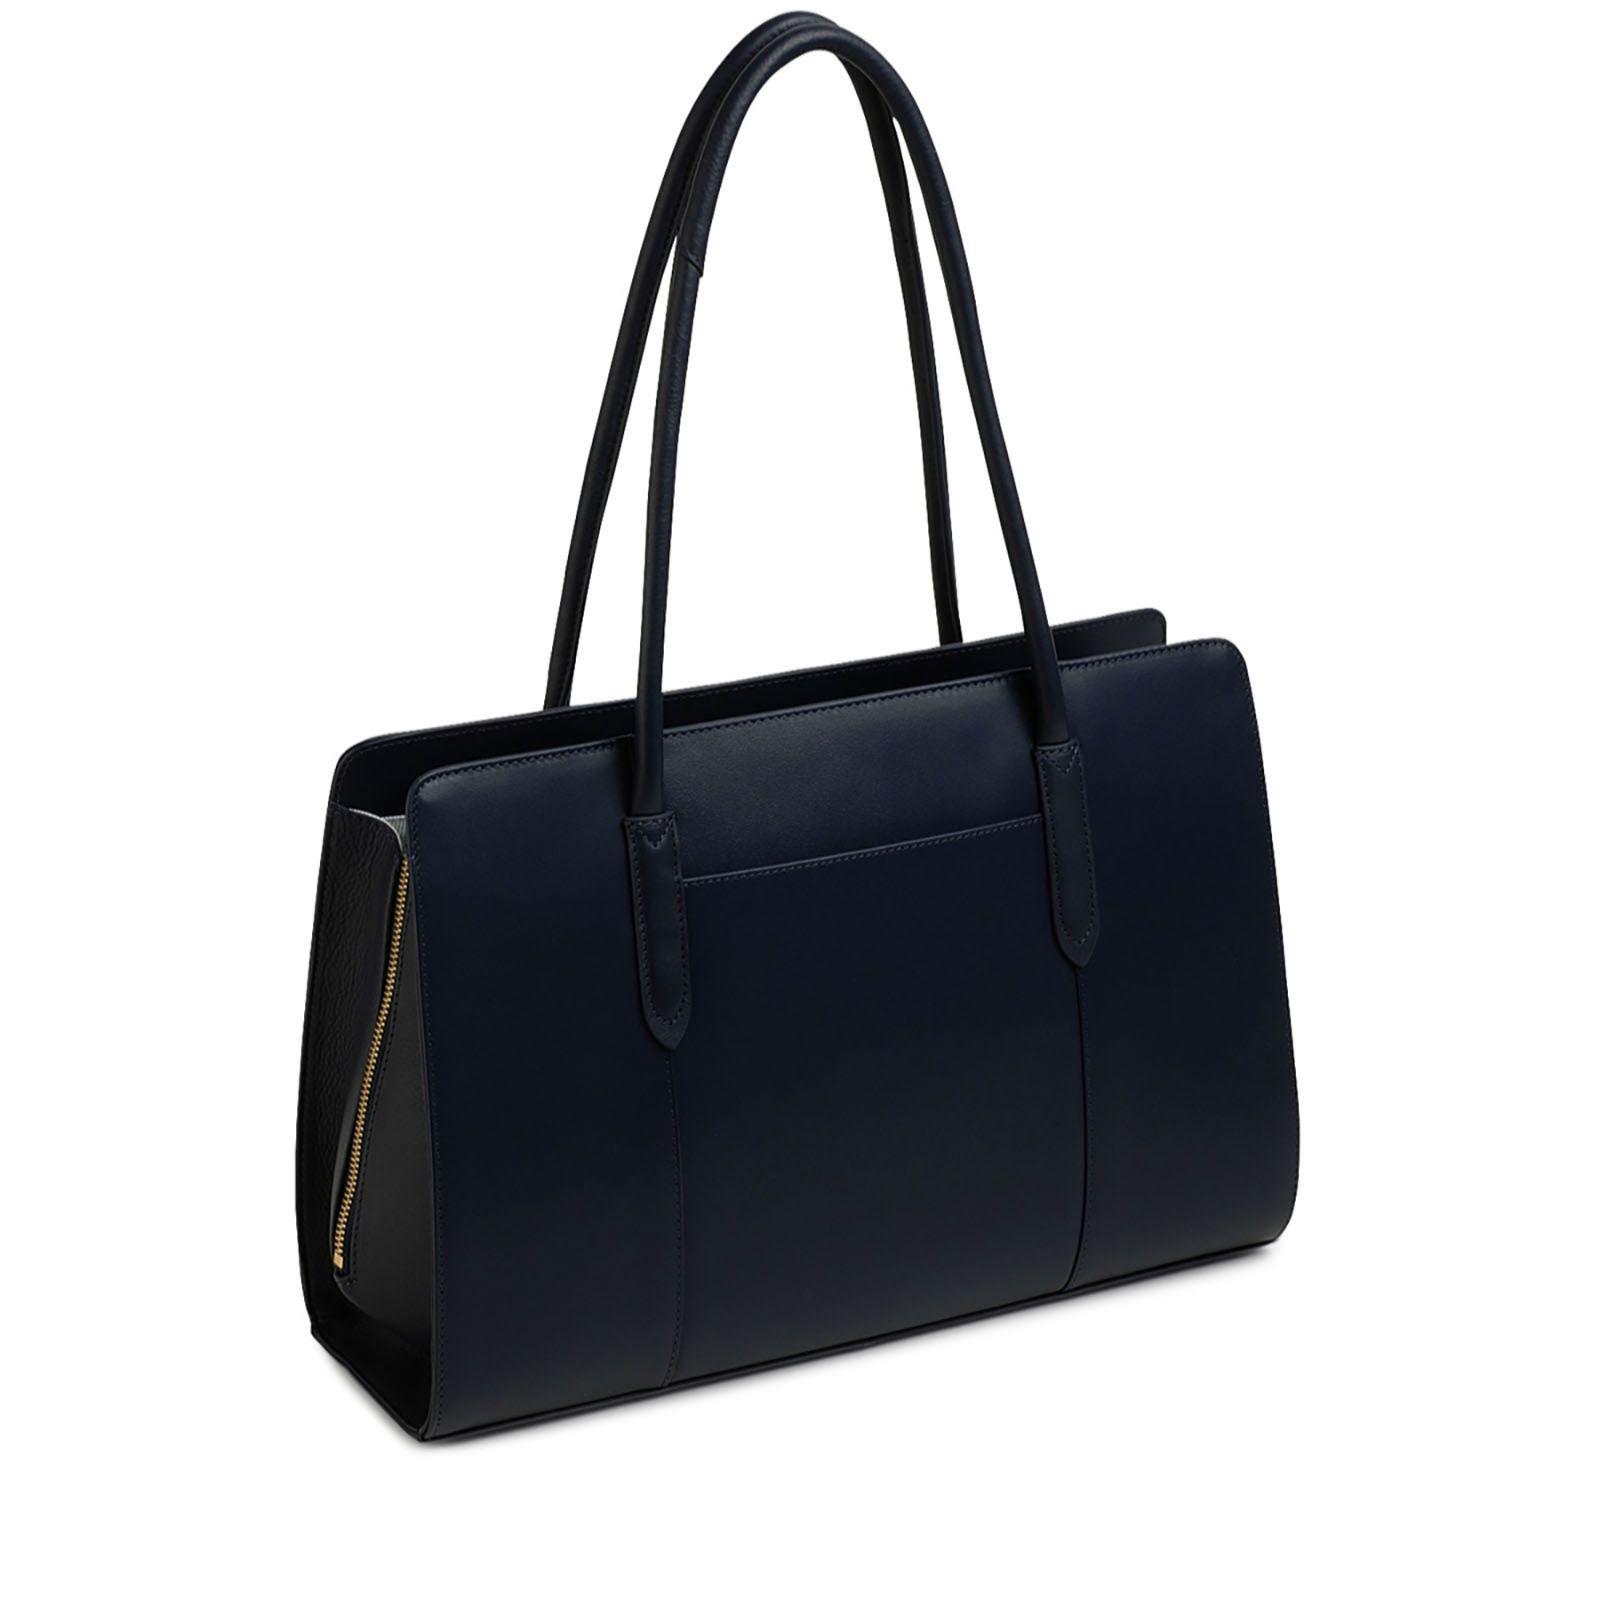 f78f240e4125 Radley London Liverpool Street Shoulder Bag - QVC UK